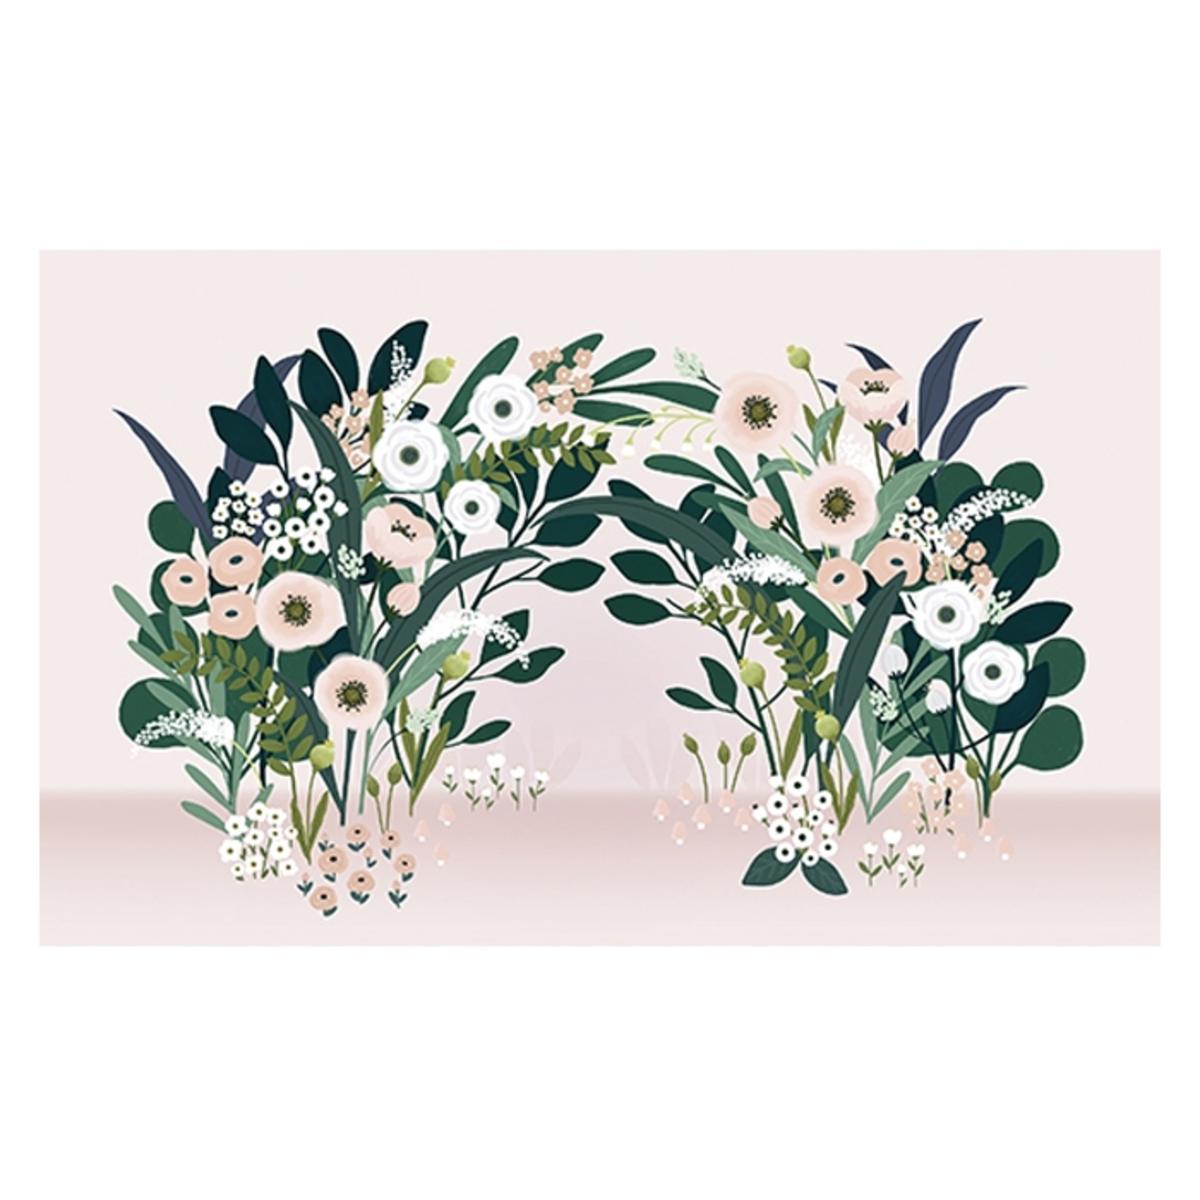 Papier peint Fresque - Arche de Fleurs Fresque - Arche de Fleurs